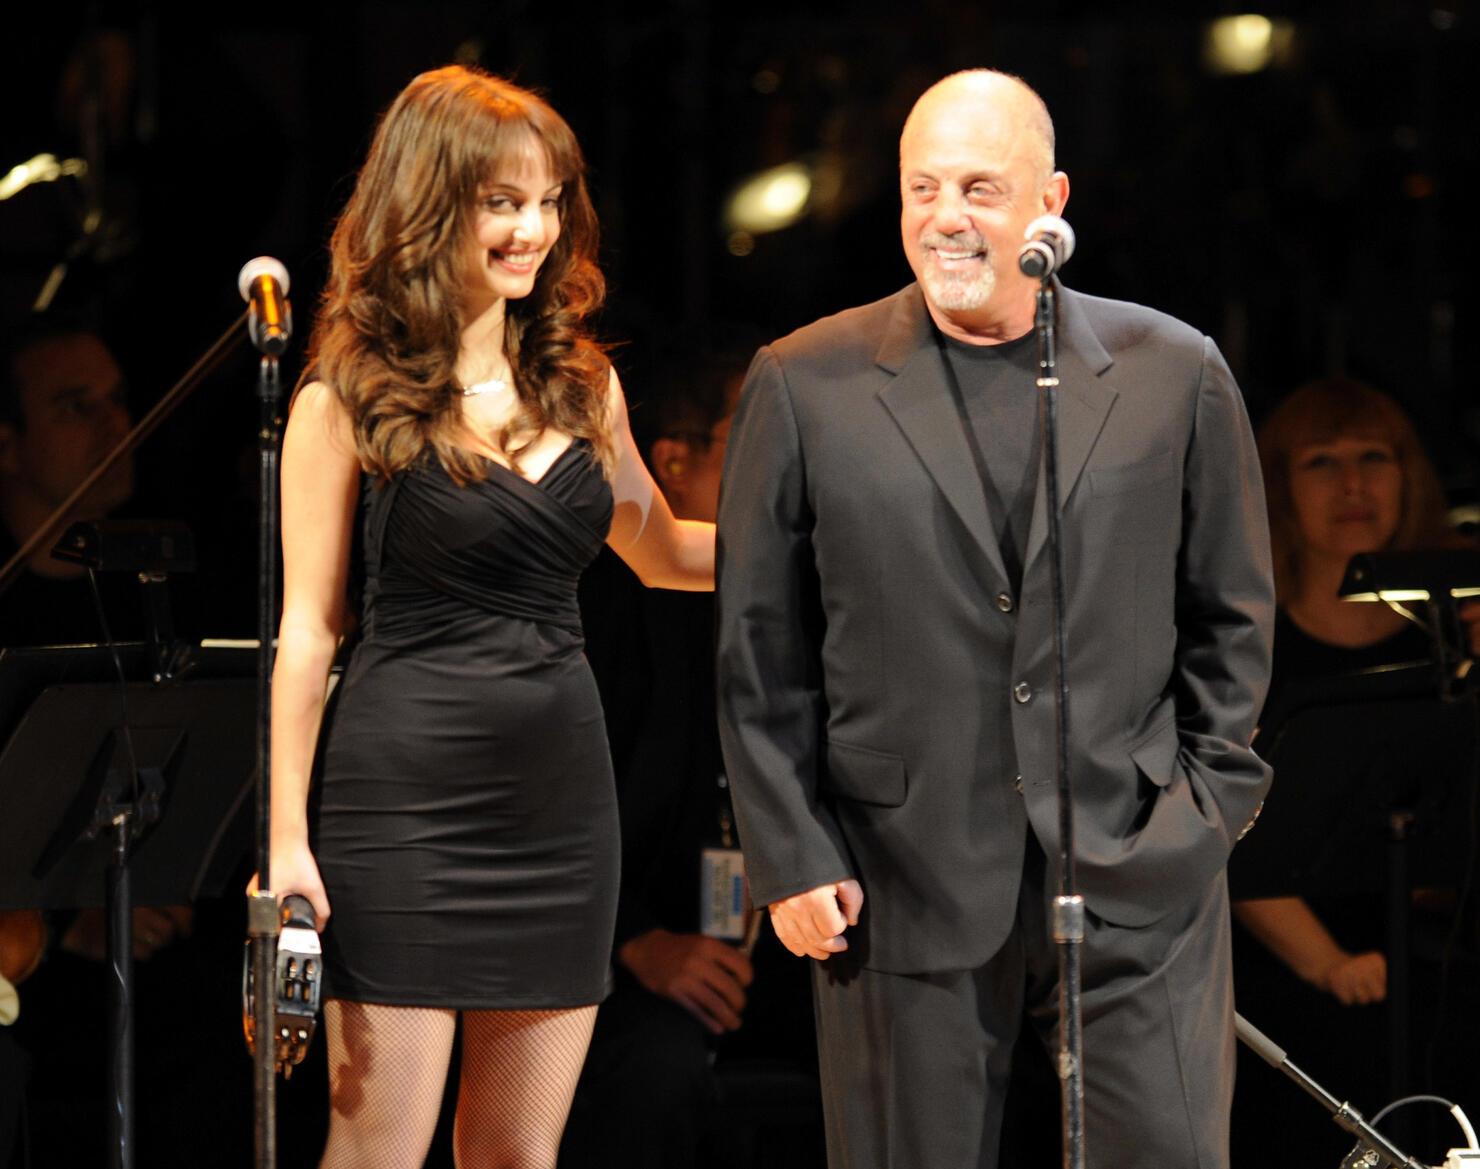 2008 Rainforest Foundation Fund Benefit Concert - Show